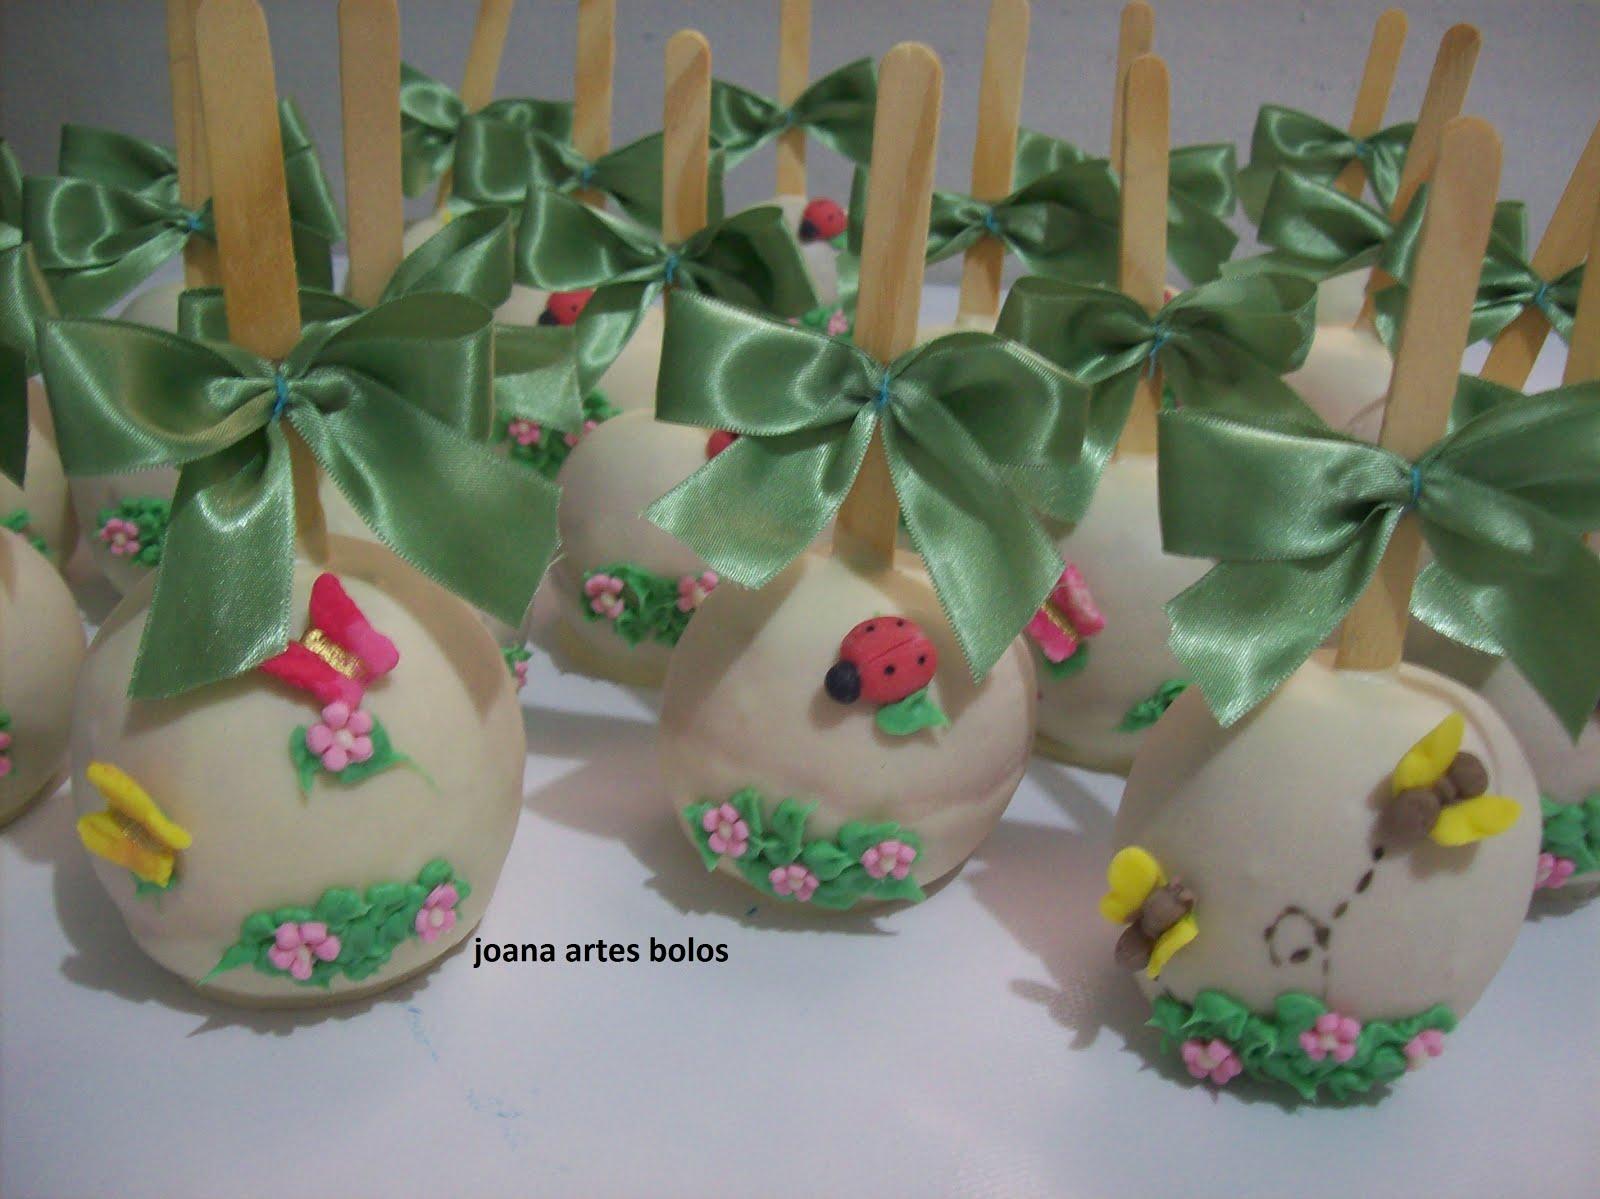 por joana artes bolos às 12 46 marcadores bolos jardim encantado